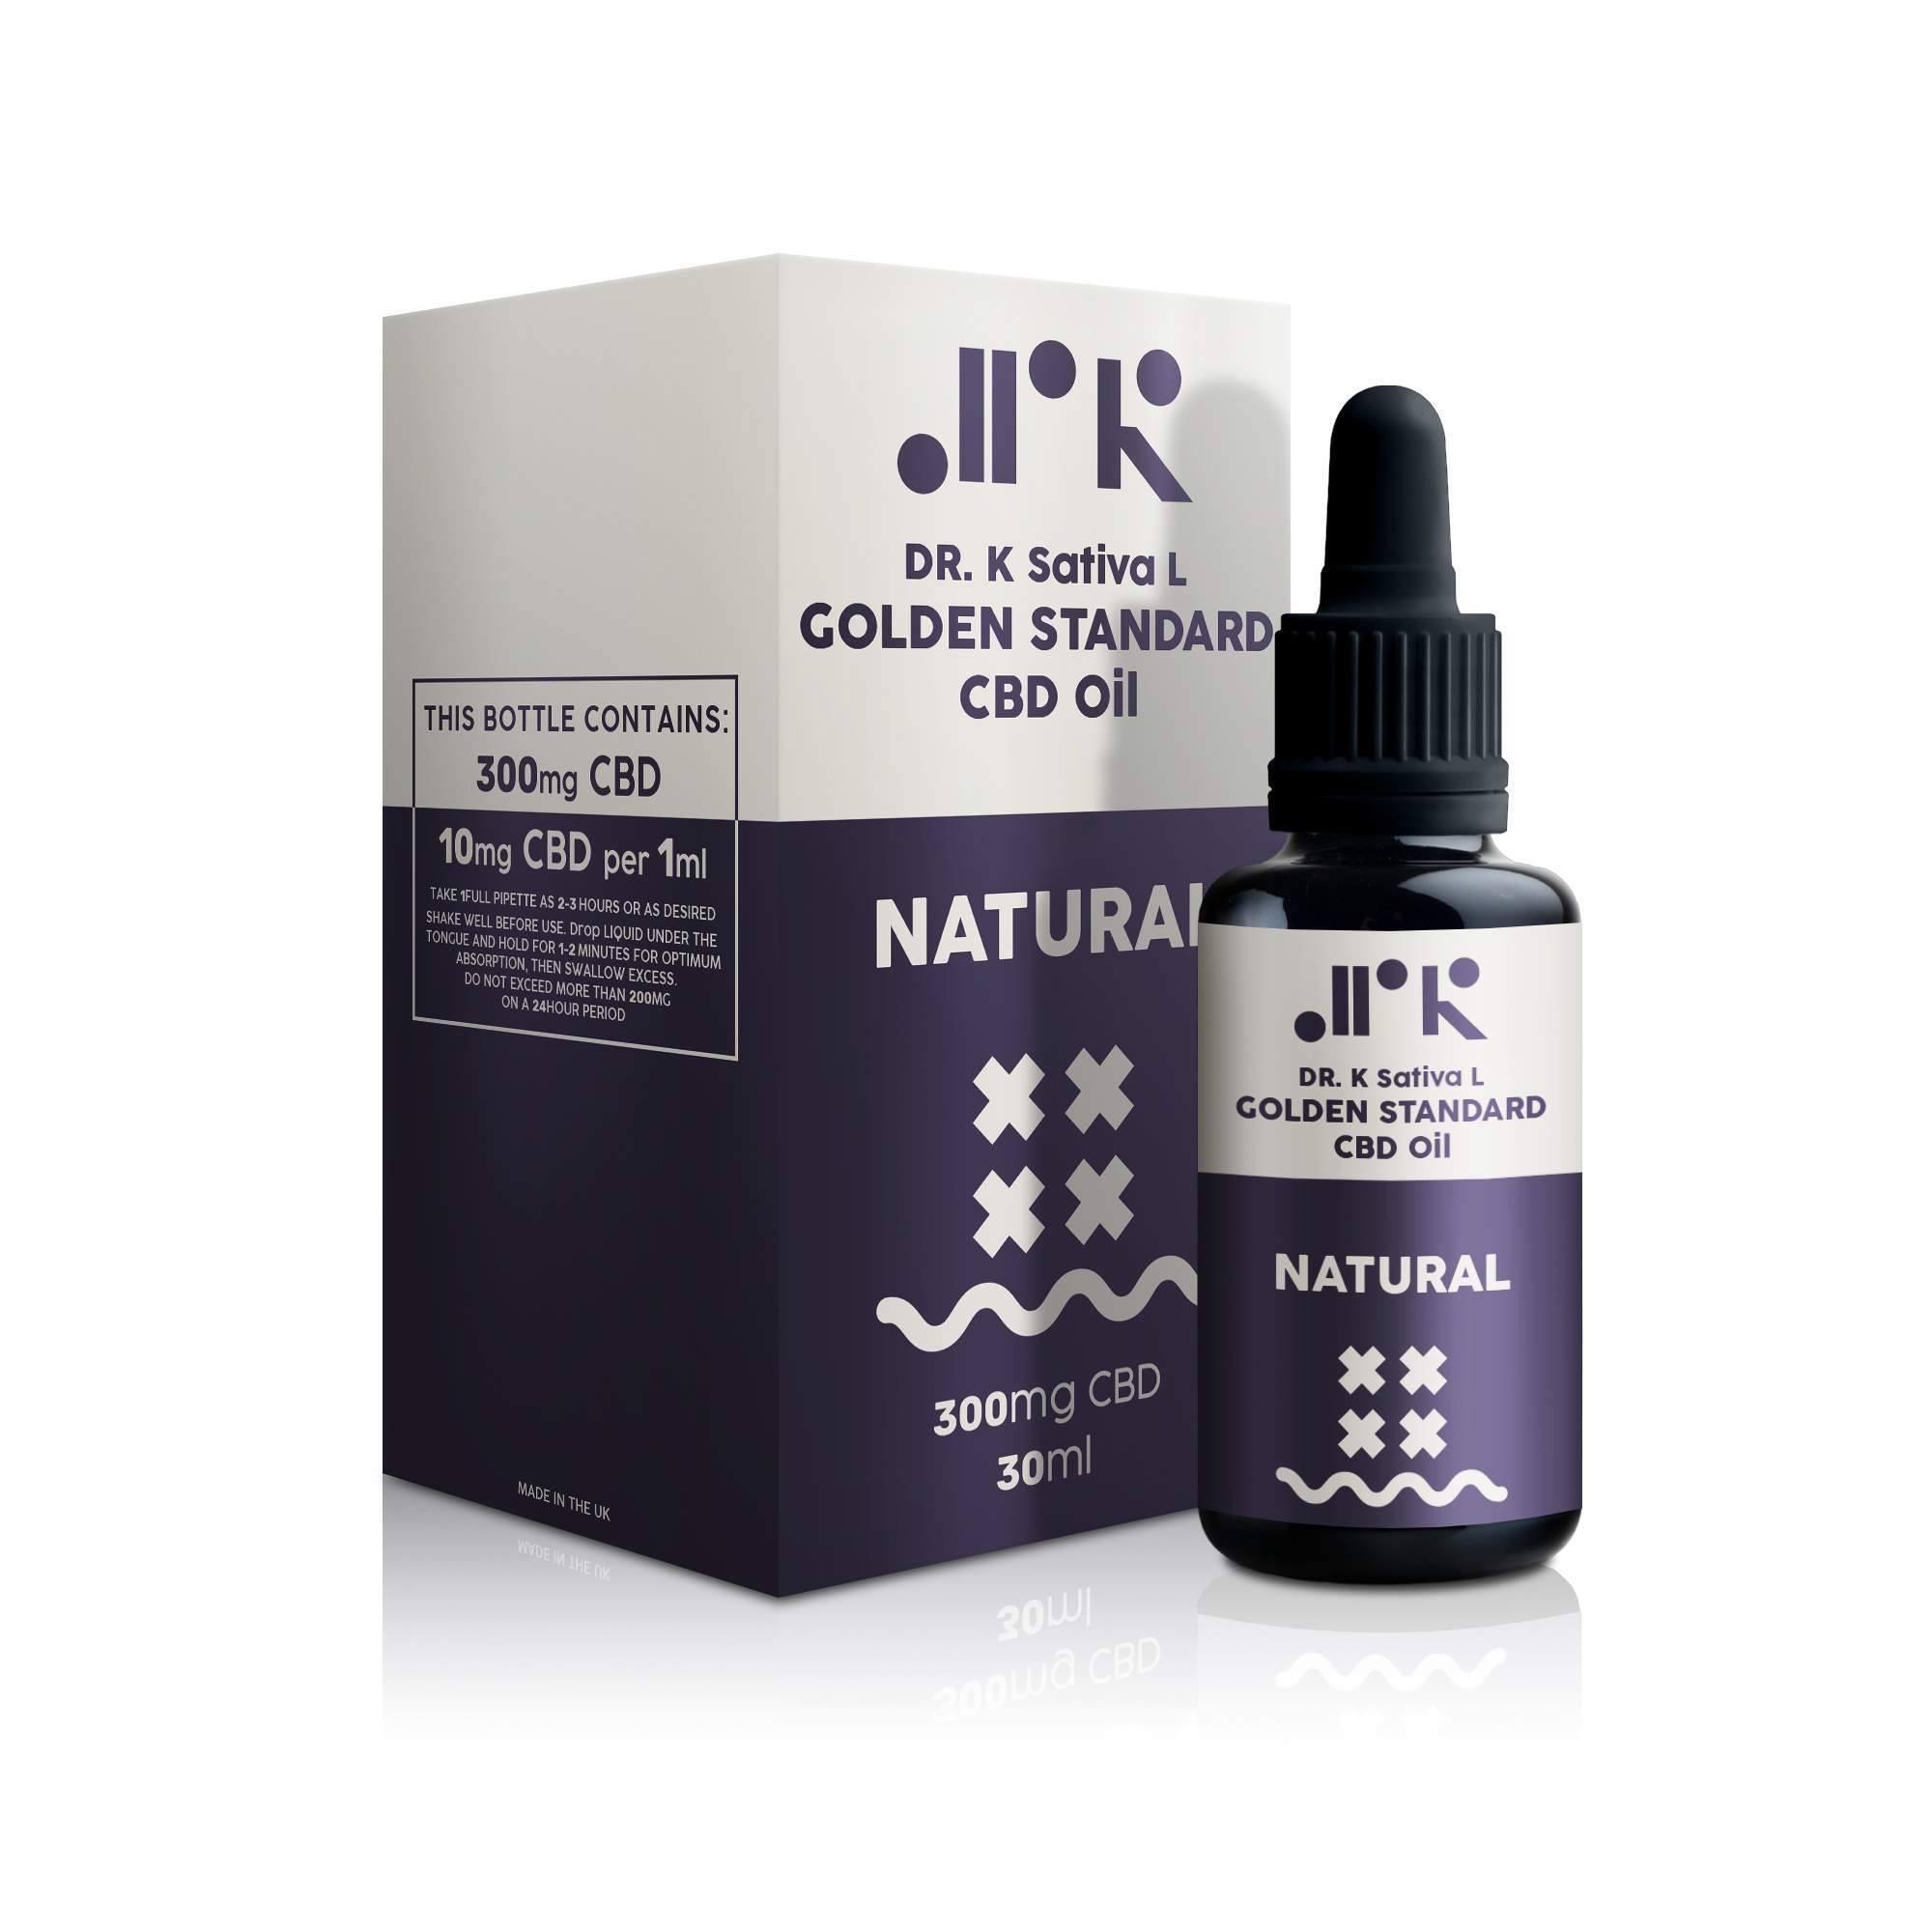 Natural Golden Standard CBD Oil